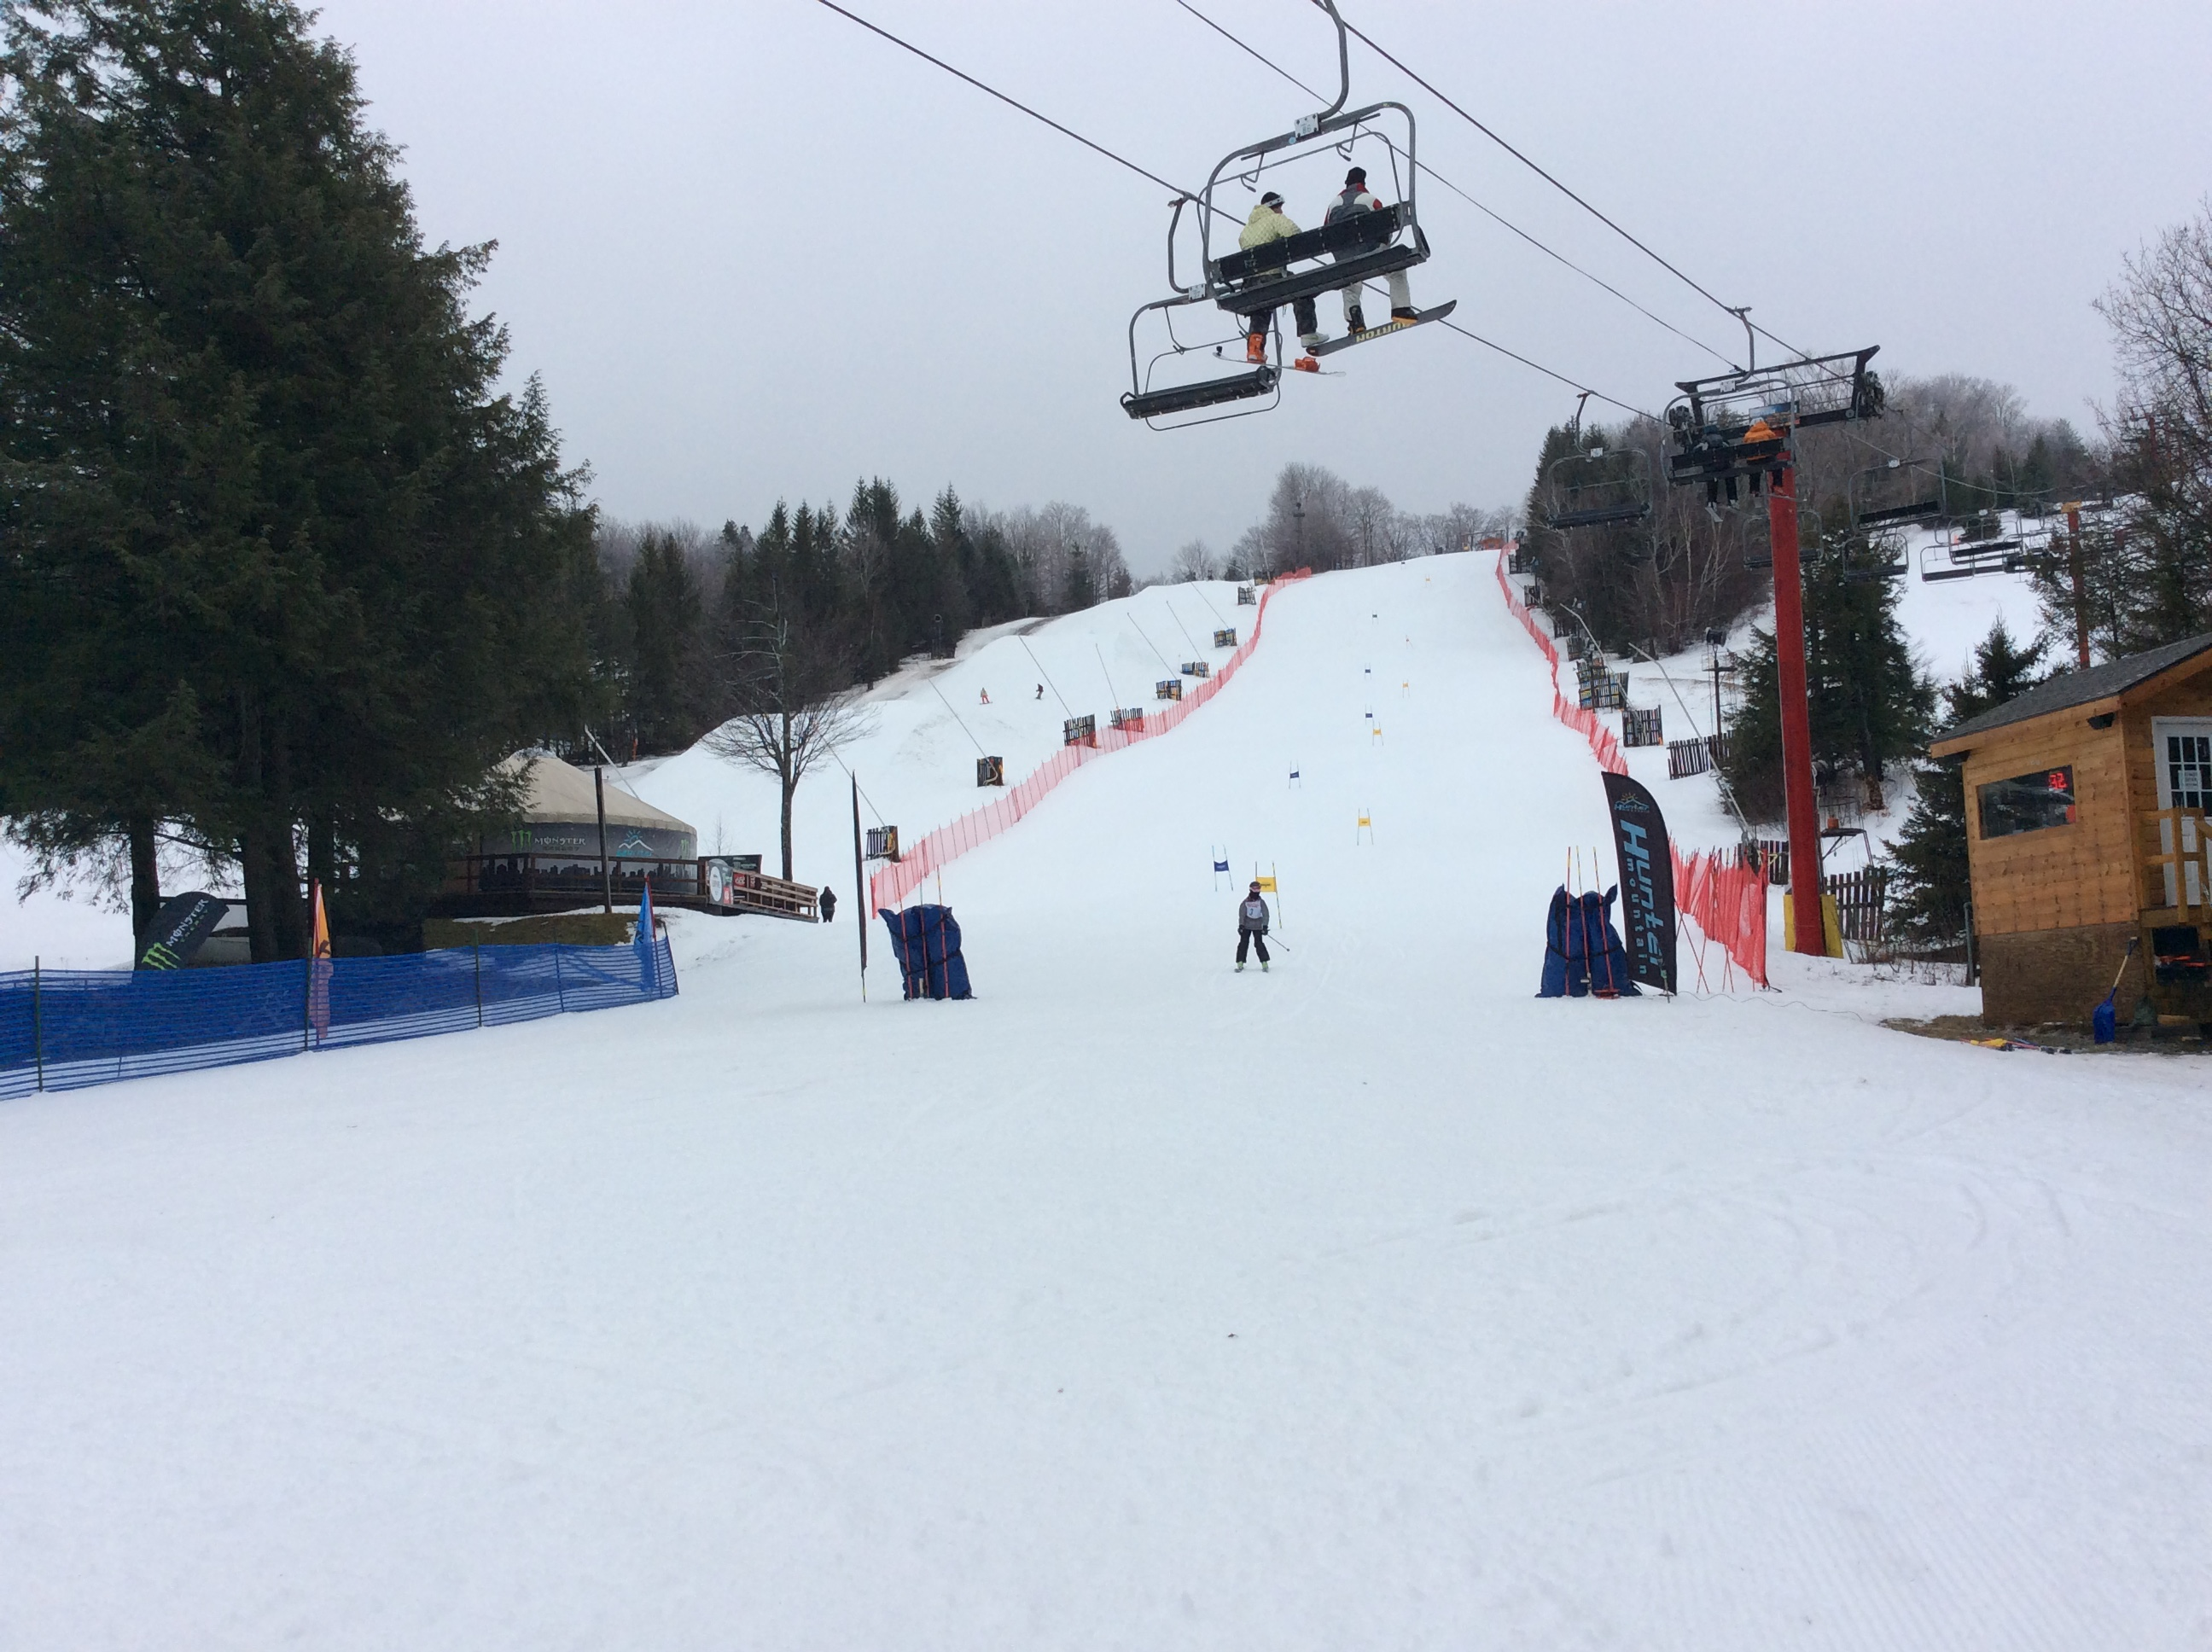 nypd-ski-club_31553666334_o